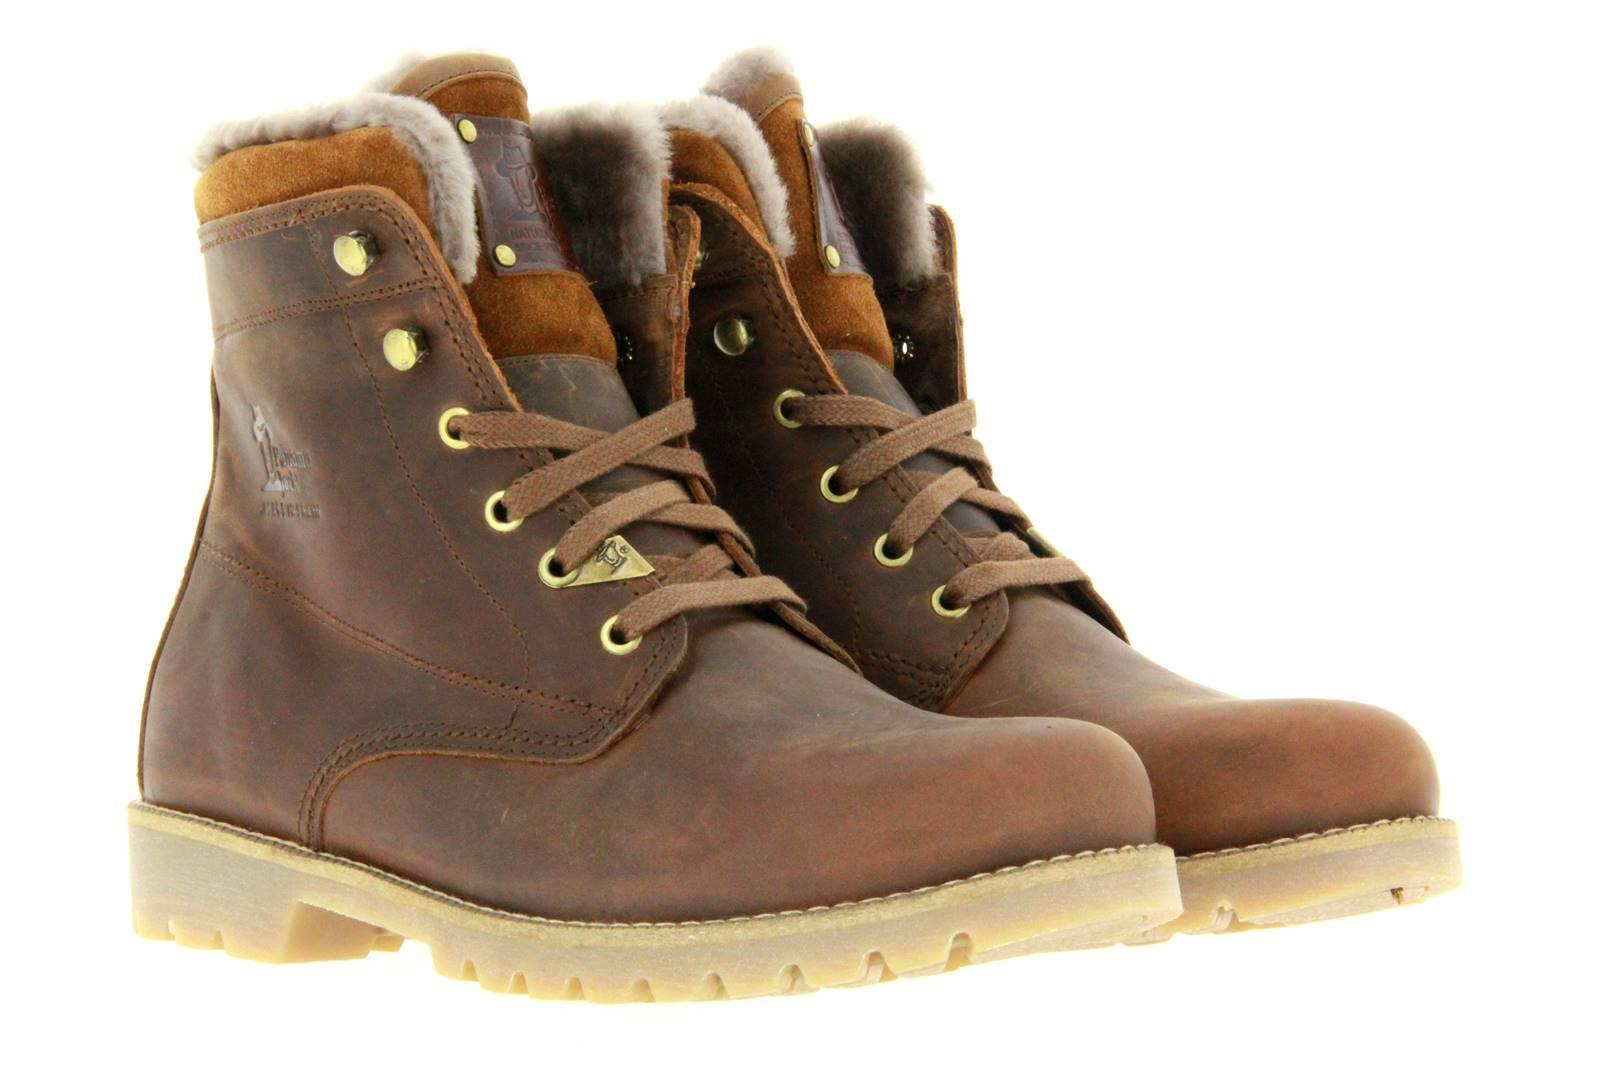 Panama Jack lace-up boots AVIATOR 03